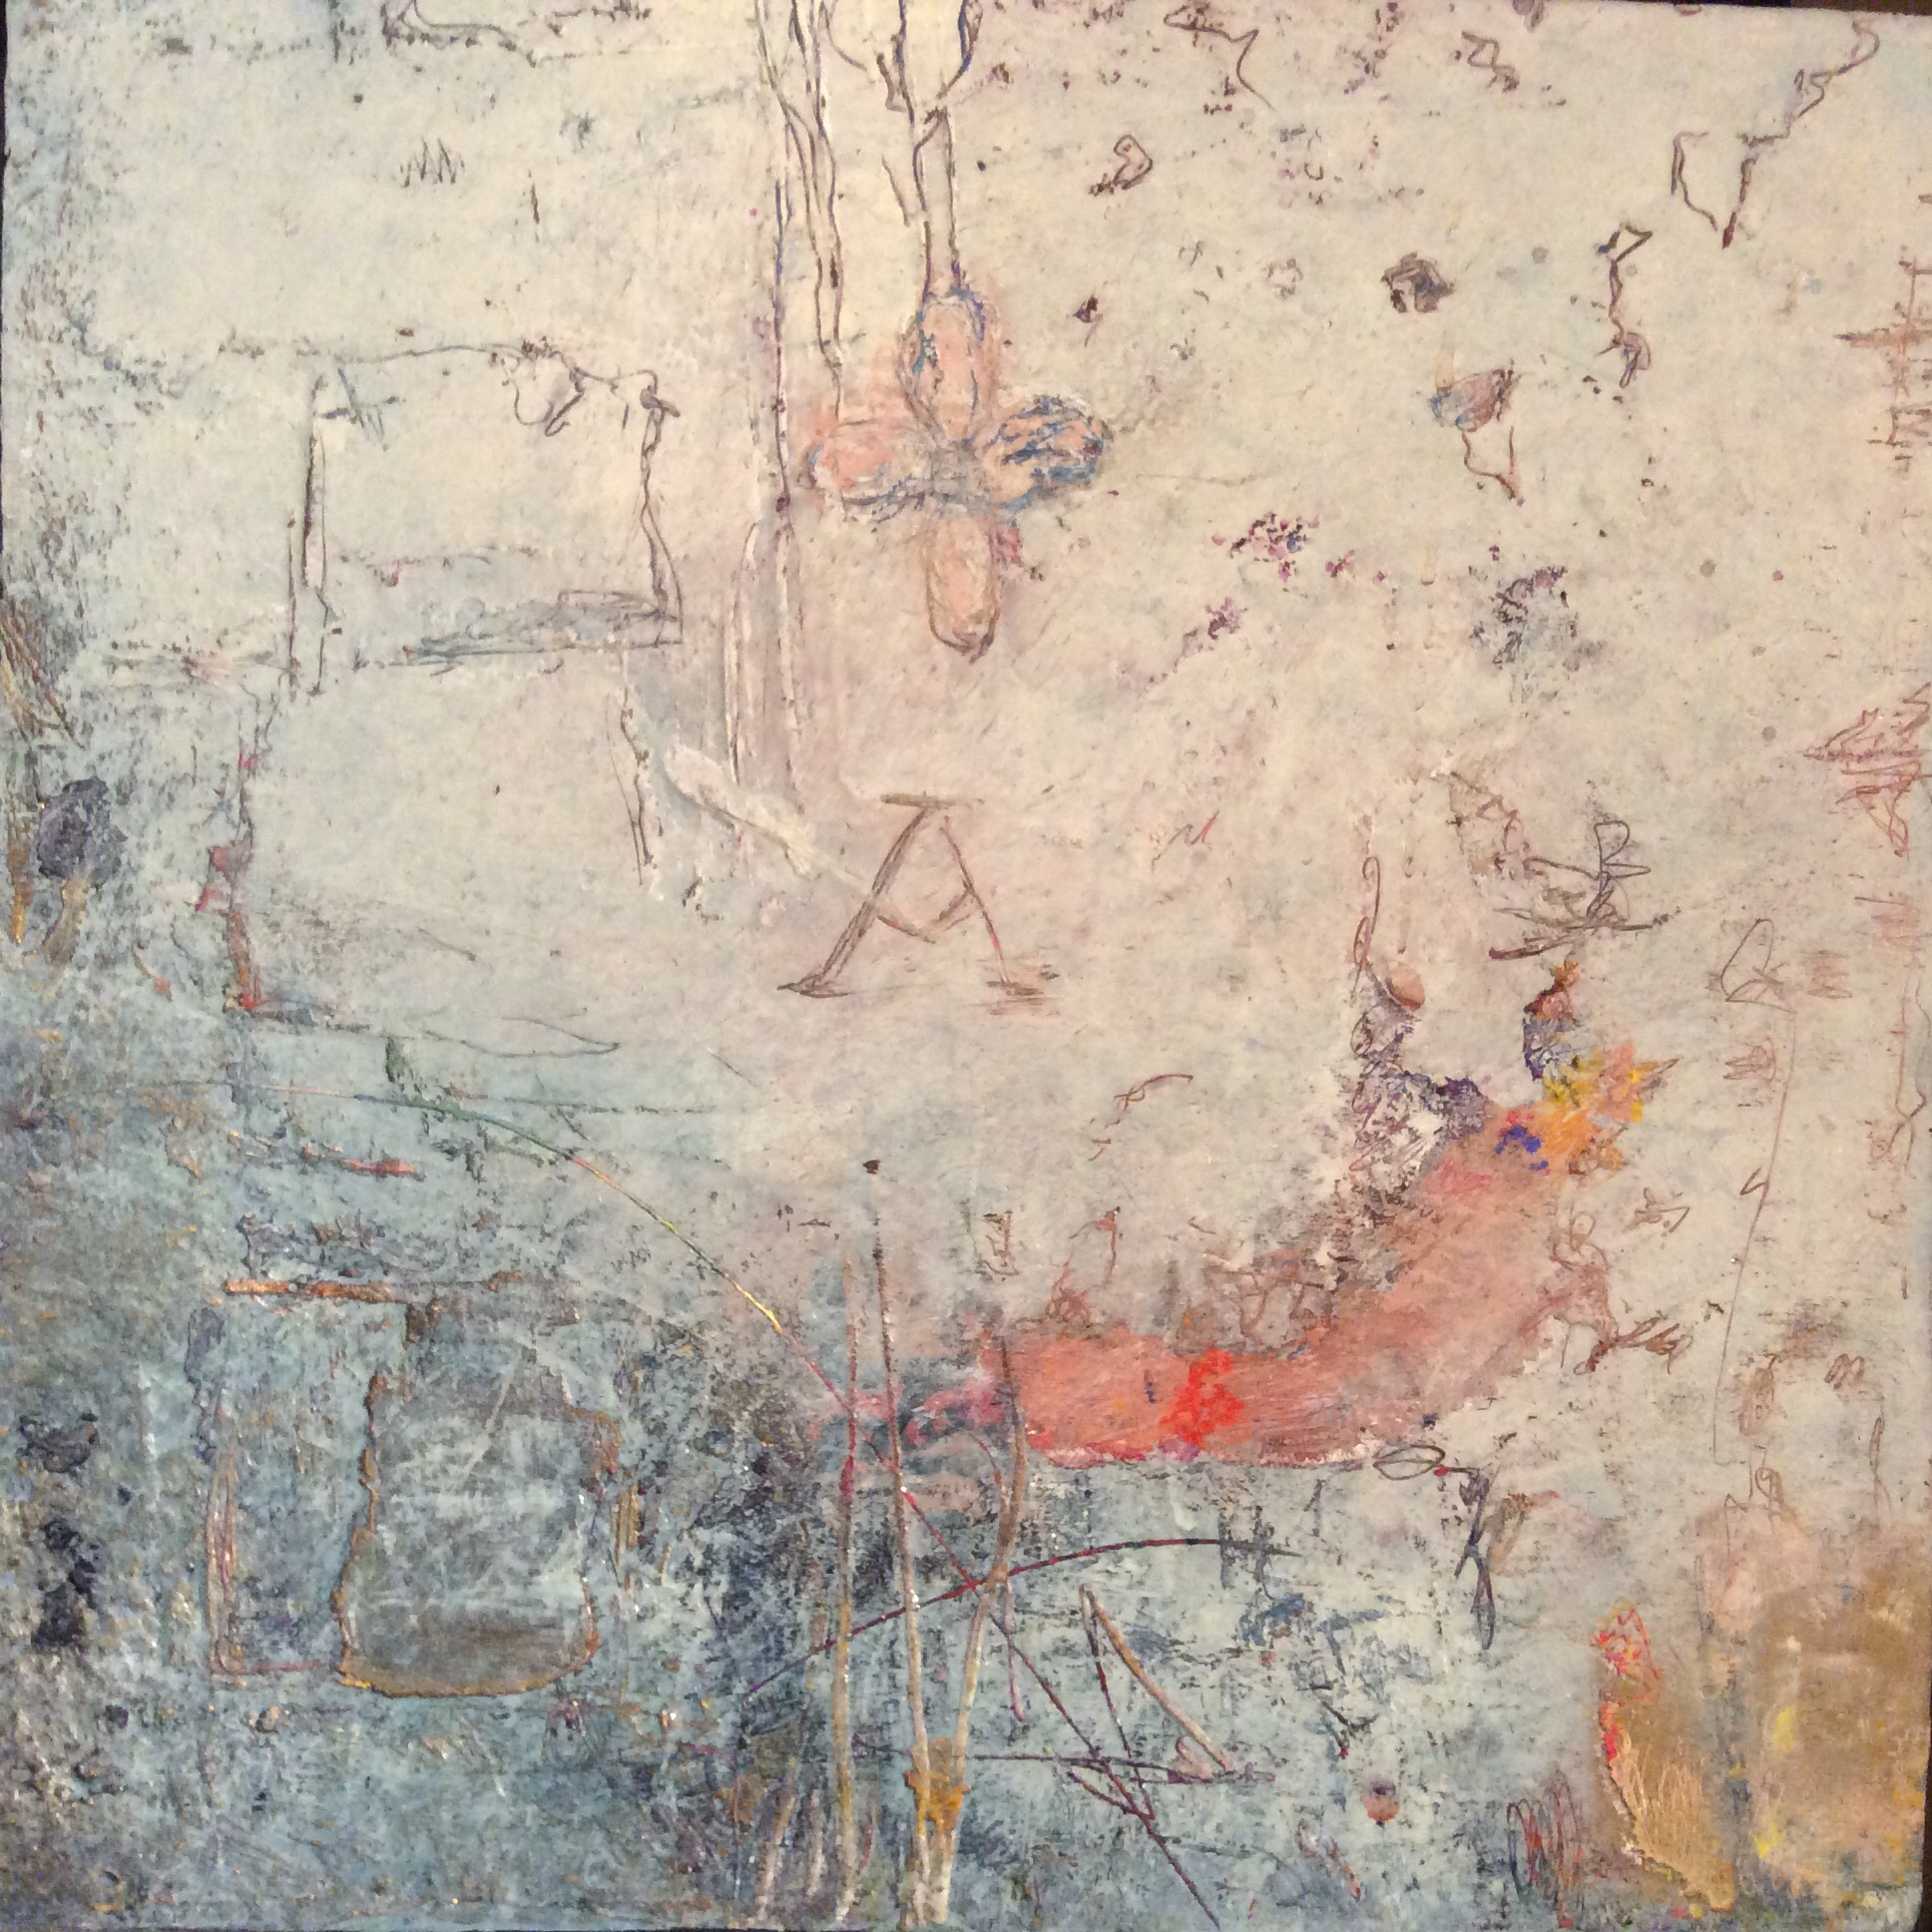 Lisa Lipsett